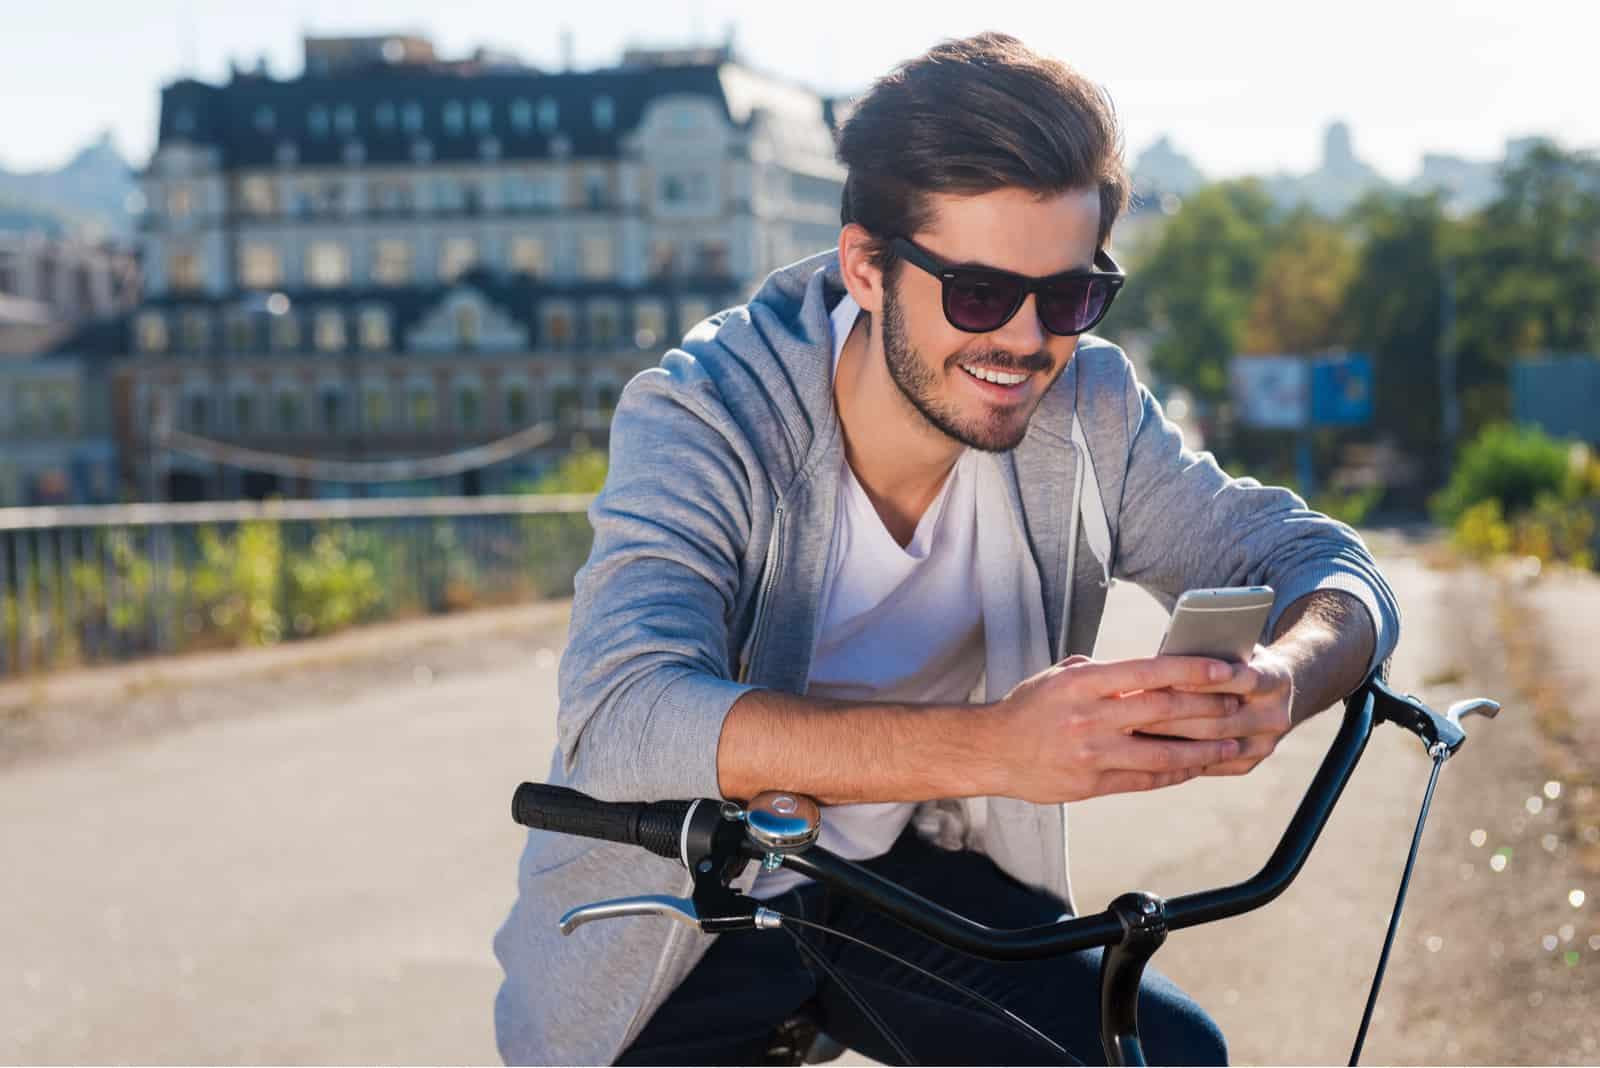 Un homme souriant avec des lunettes sur la tête se tient appuyé sur son vélo et un bouton sur le téléphone